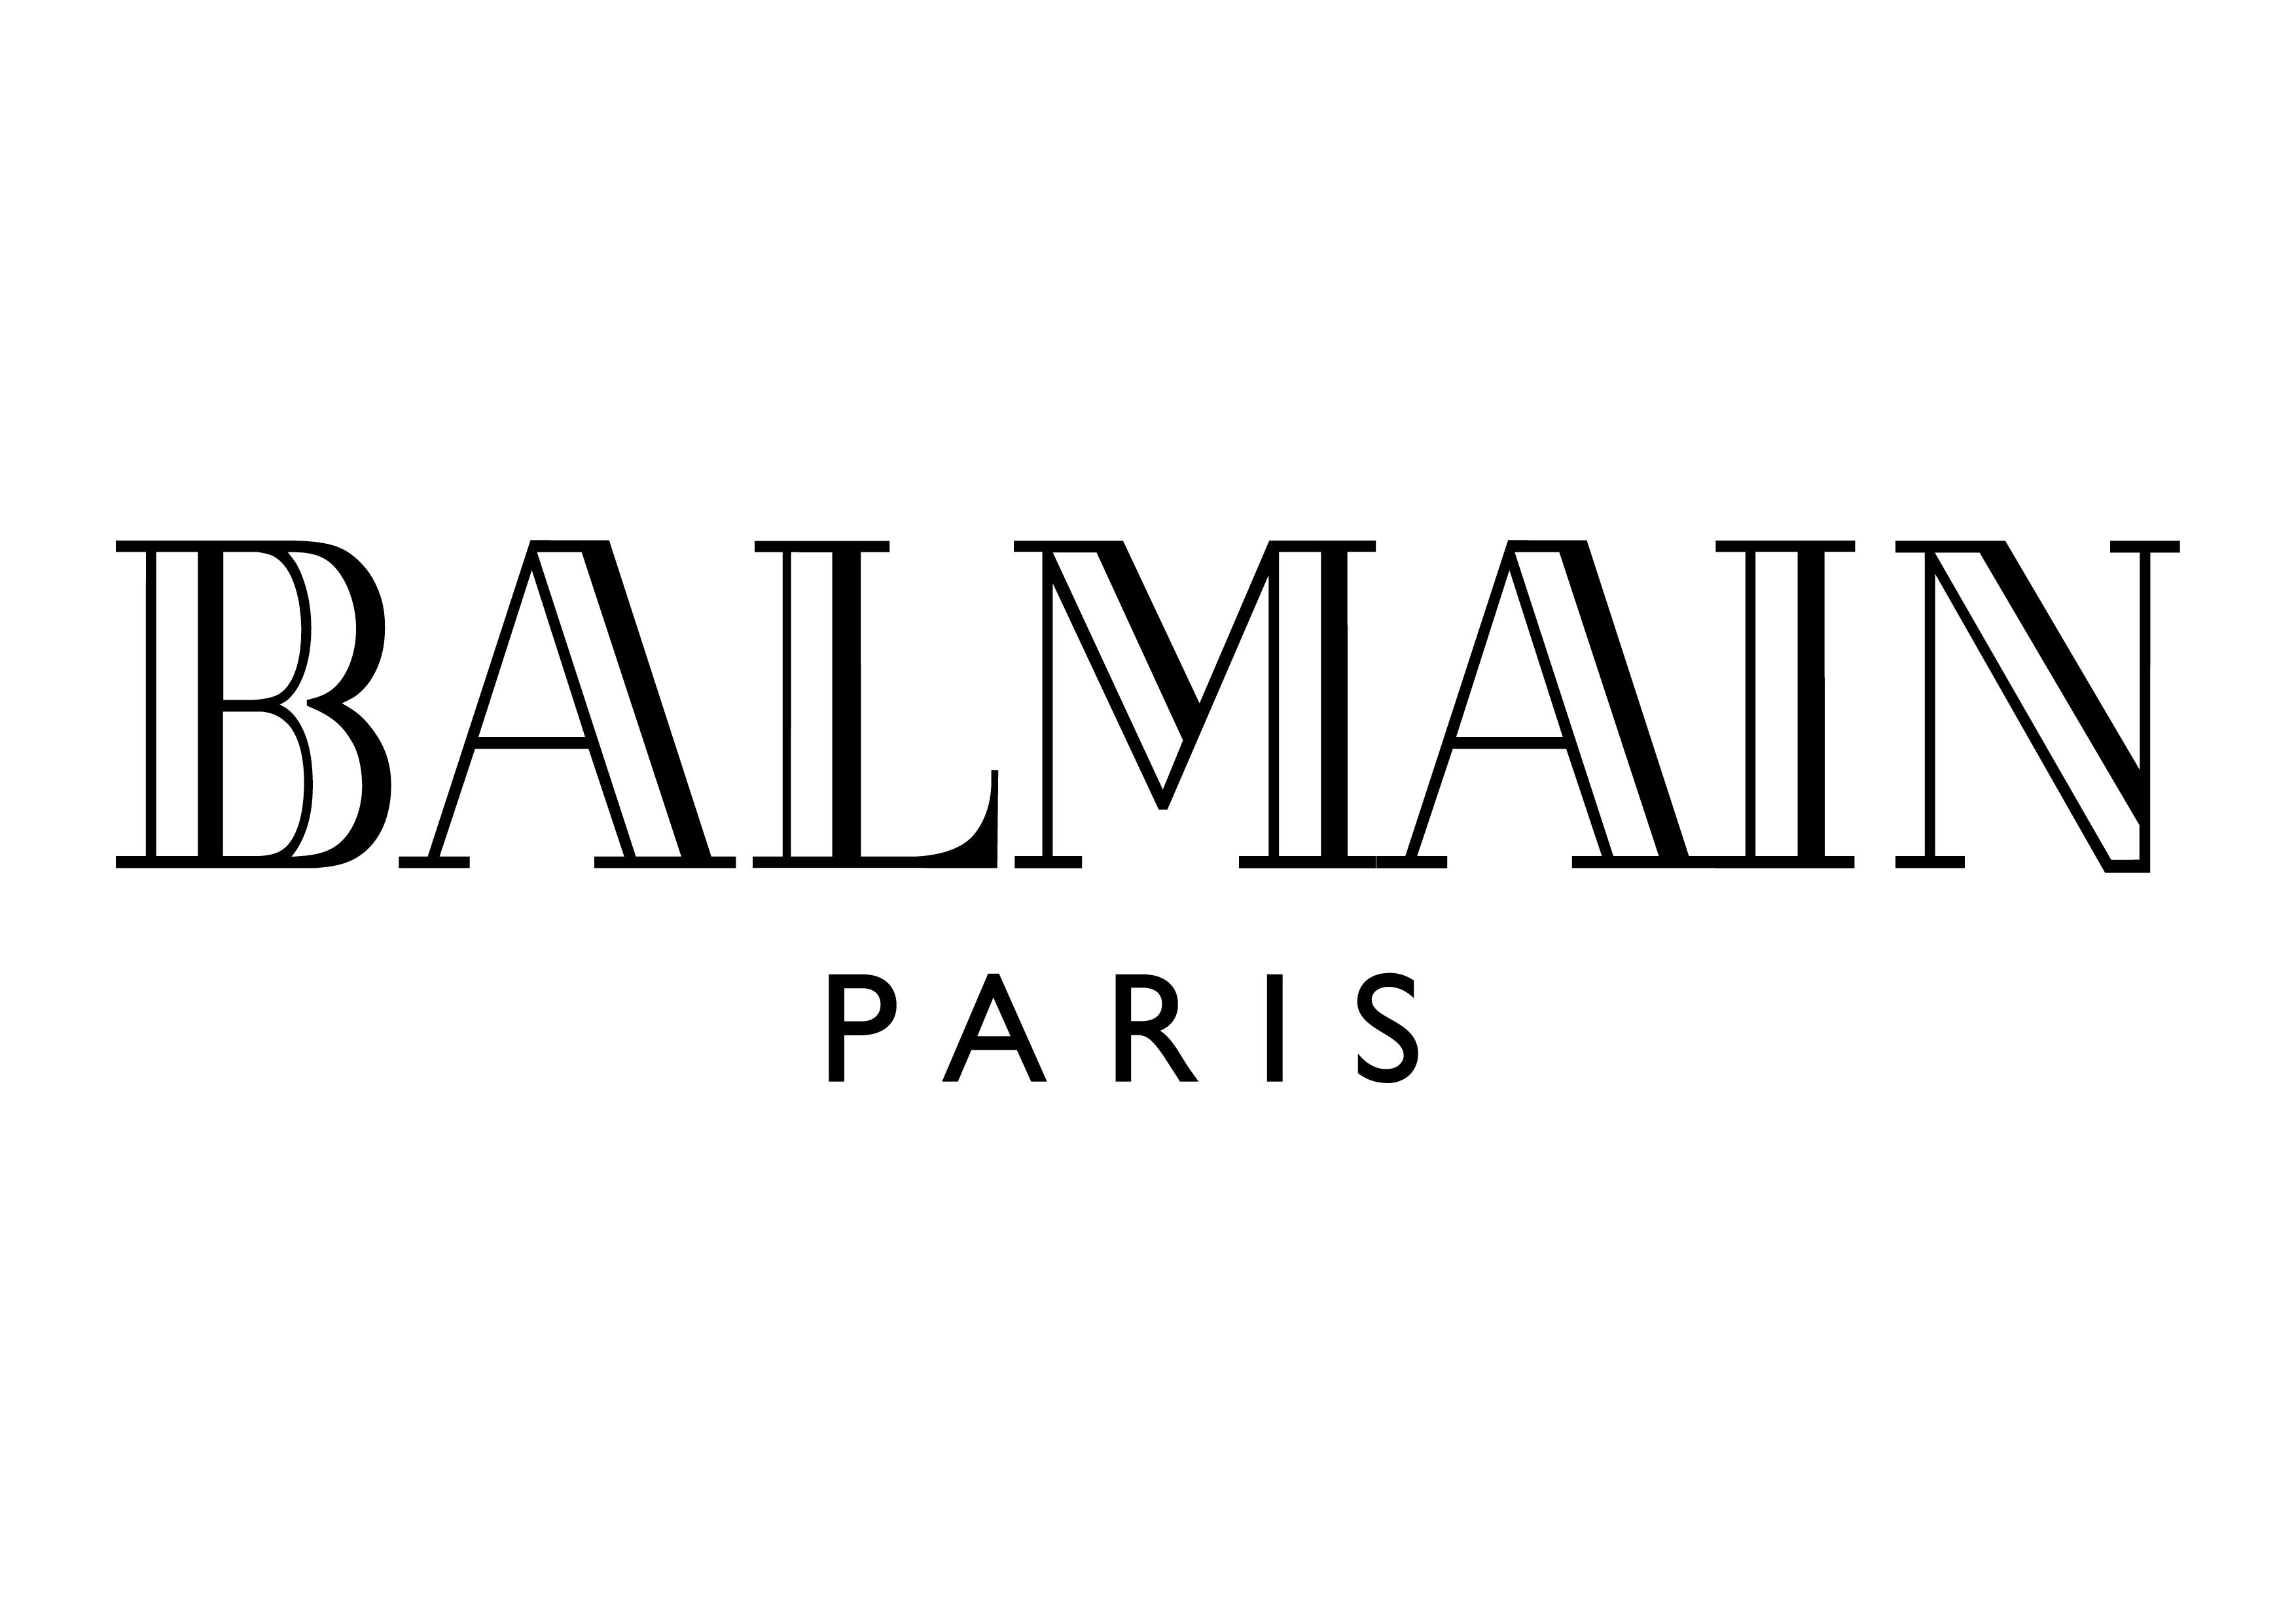 Balmain Logo Png Hdpng.com 3508 - Balmain, Transparent background PNG HD thumbnail